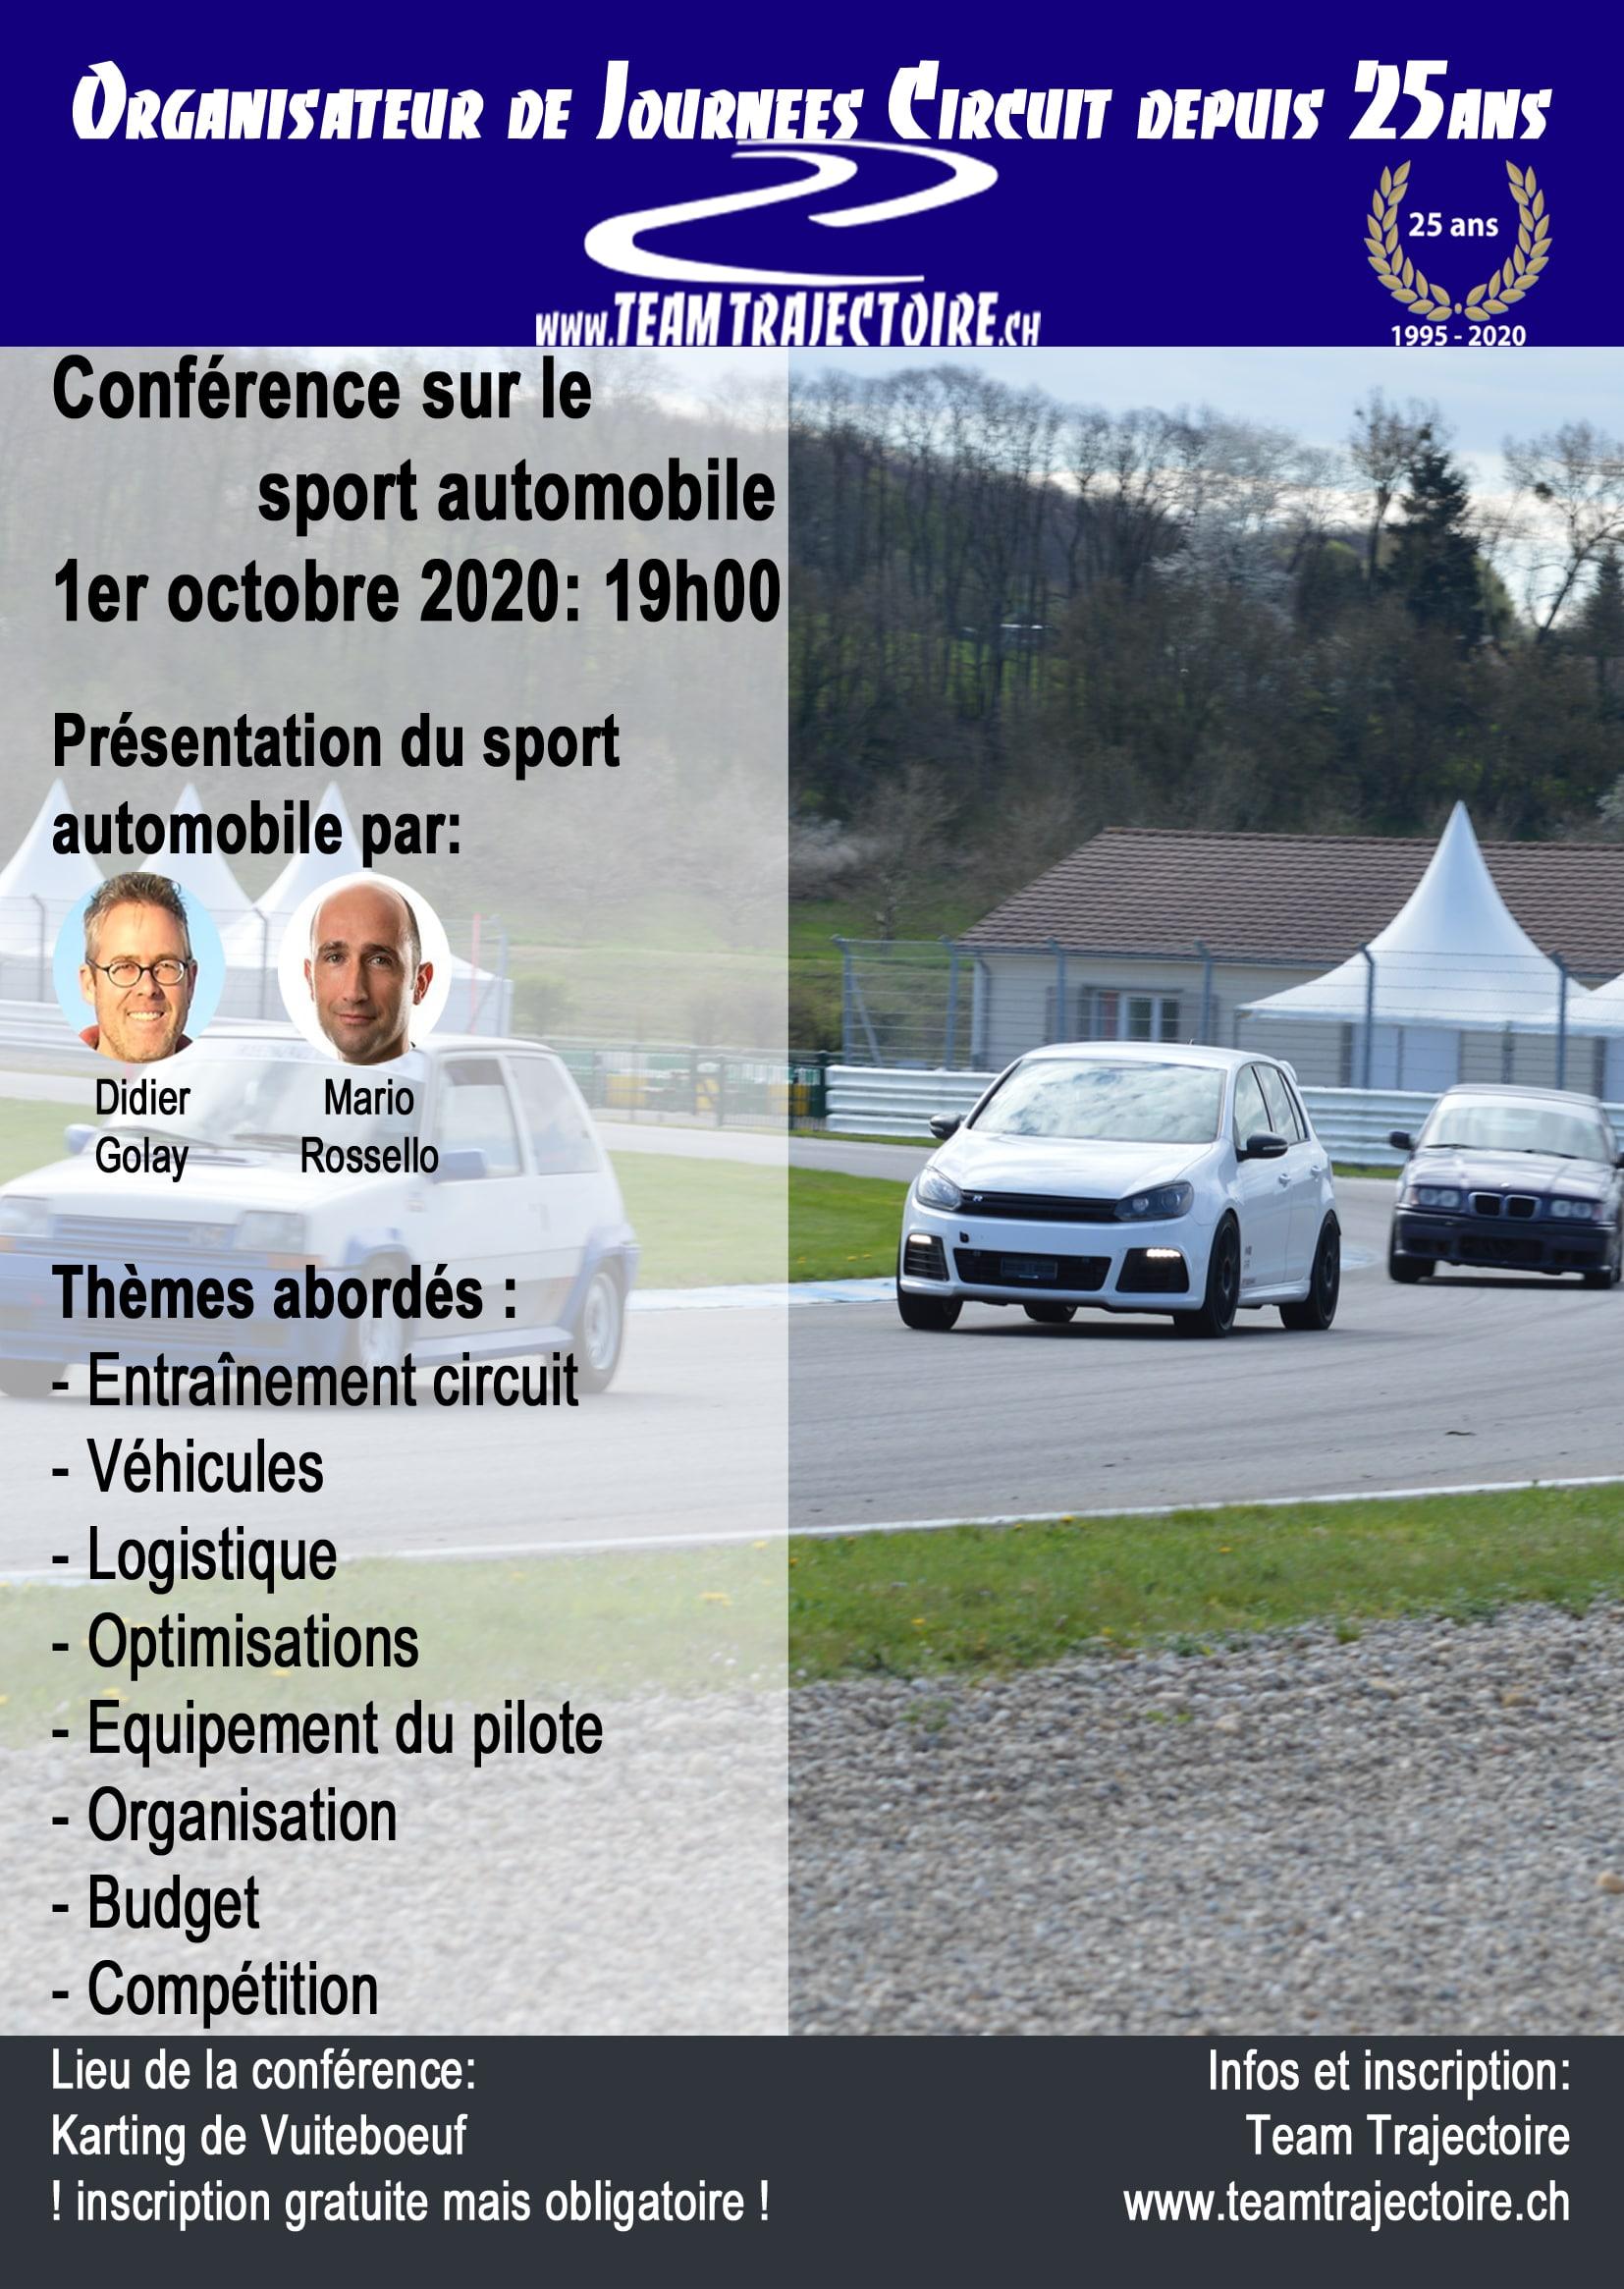 Conférence journées circuit automobile par le Team Trajectoire